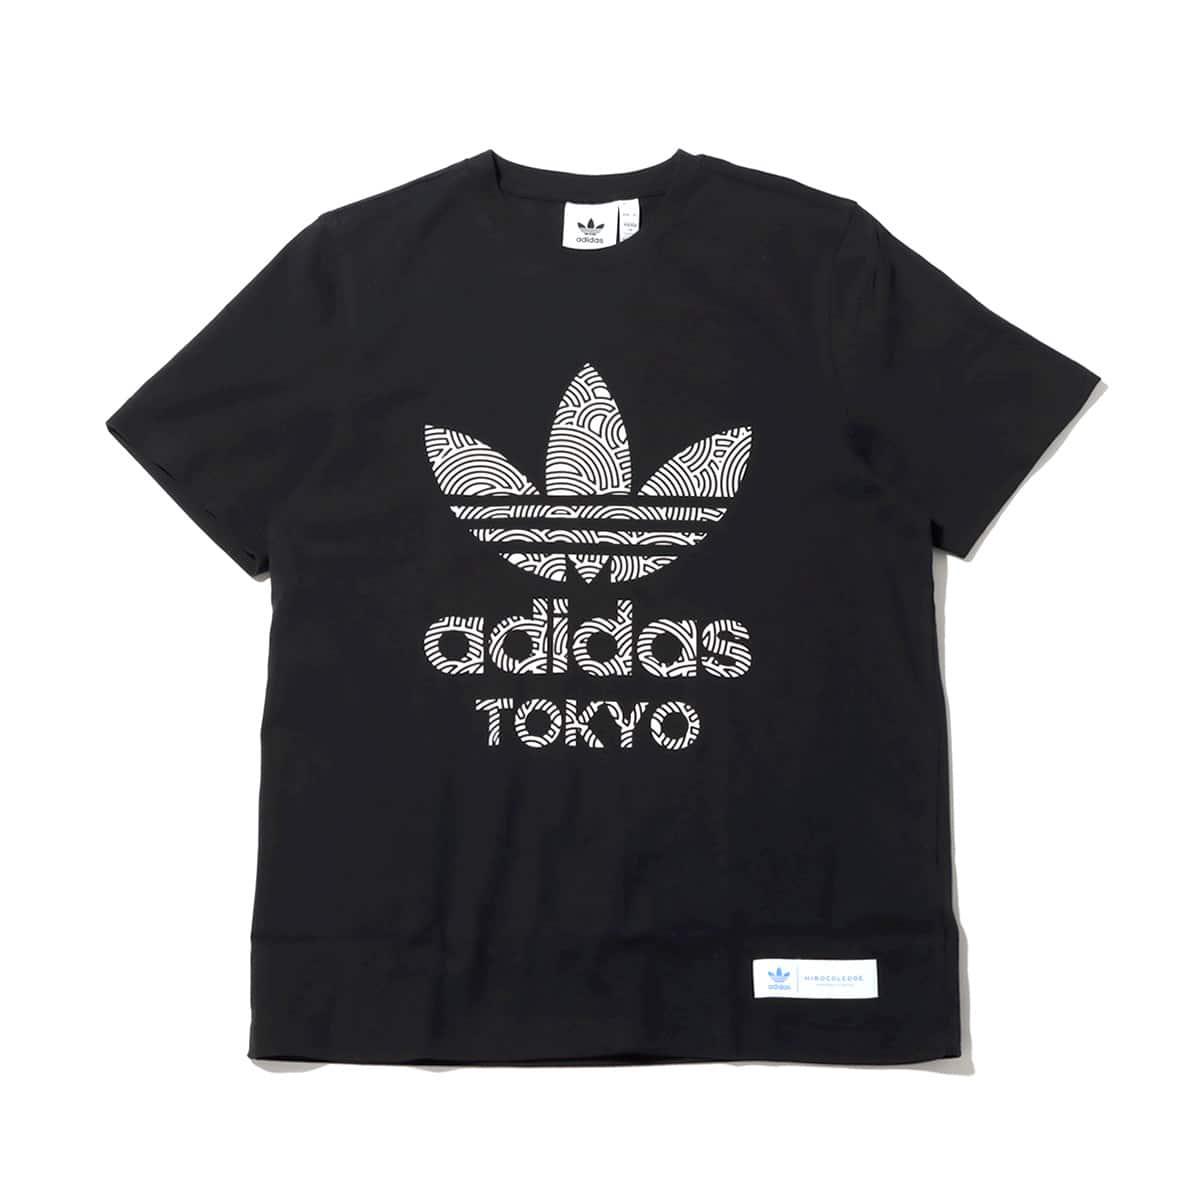 adidas HIROKO TAKAHASHI TREFOIL TOKYO TEE BLACK/WHITE 20FW-I_photo_large